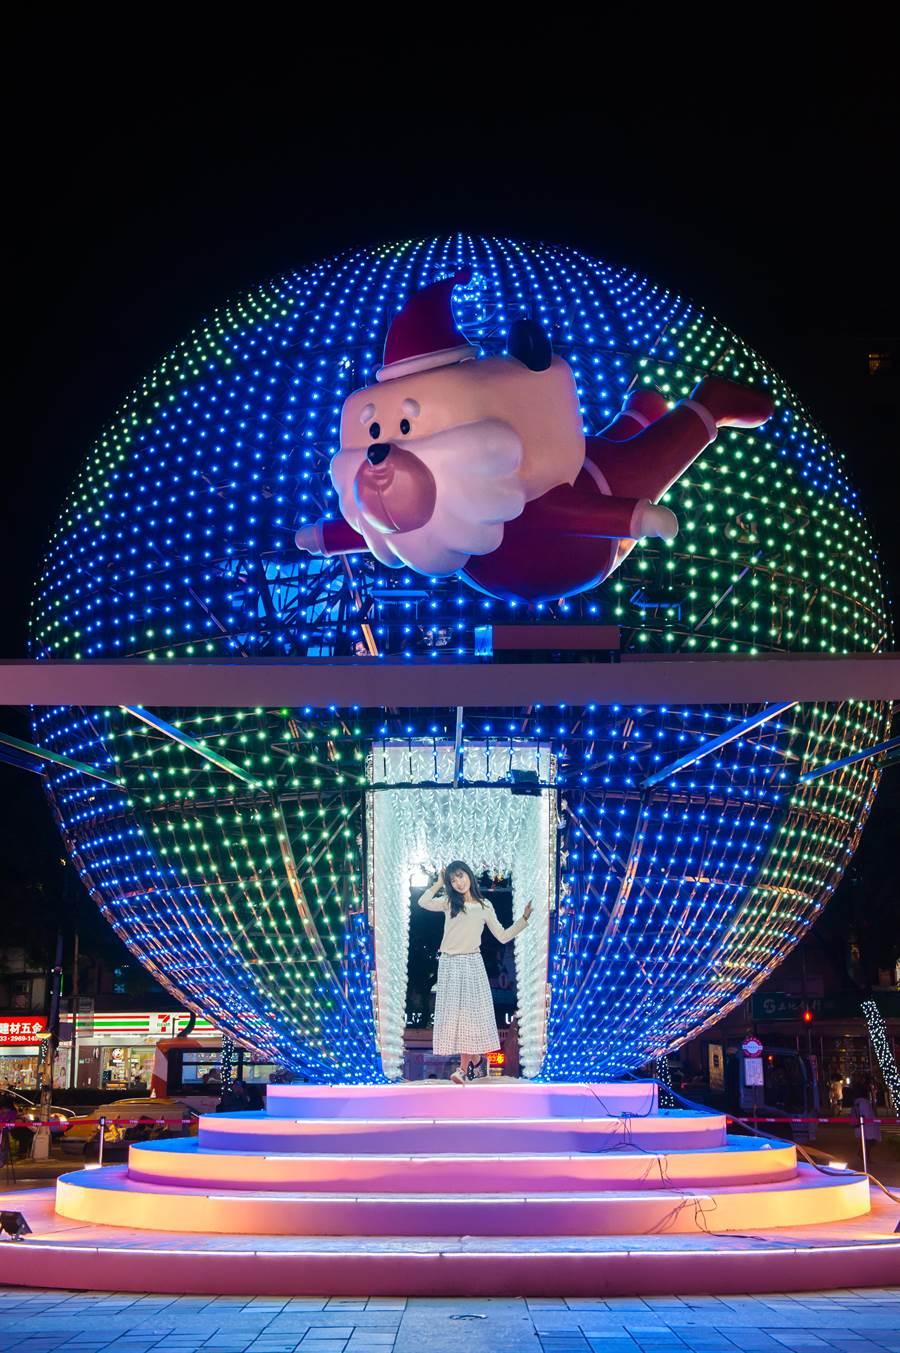 「幻彩星系」燈區的巨型LED球體藝術裝置「迷幻星球」。